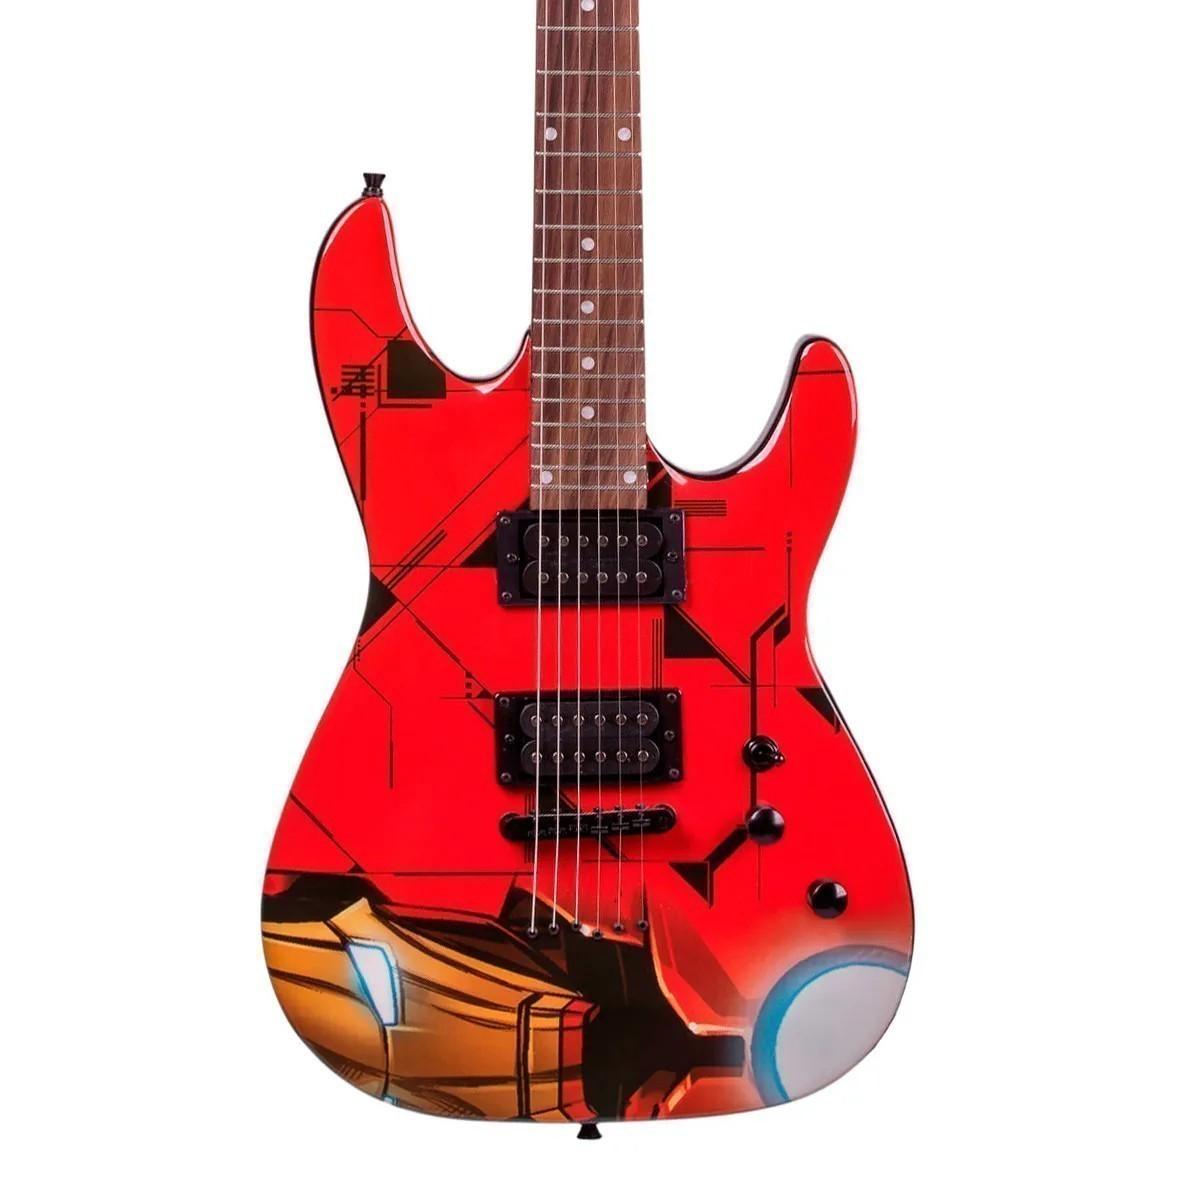 Guitarra Phx GMI-1 Marvel Série Homem de Ferro